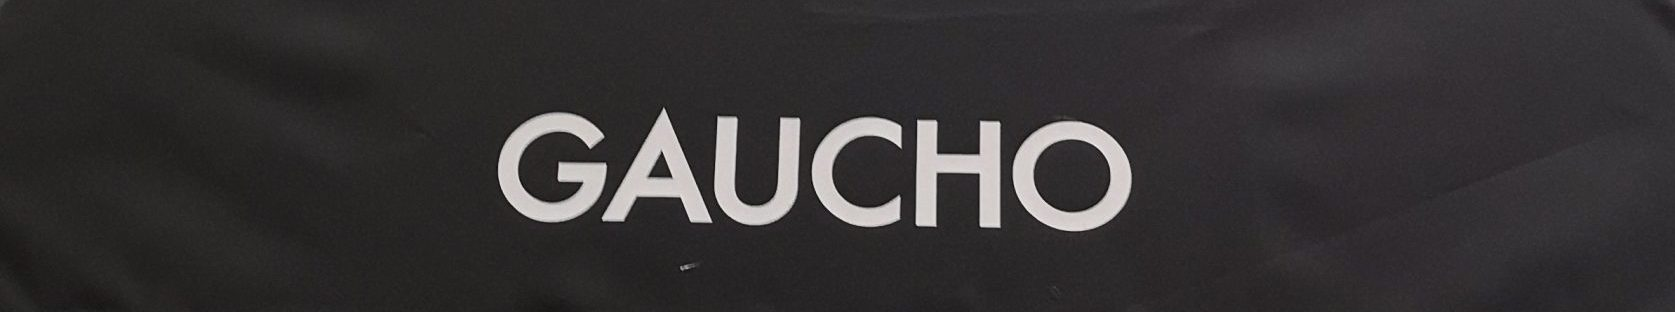 Gaucho Restaurant – The O2 Arena